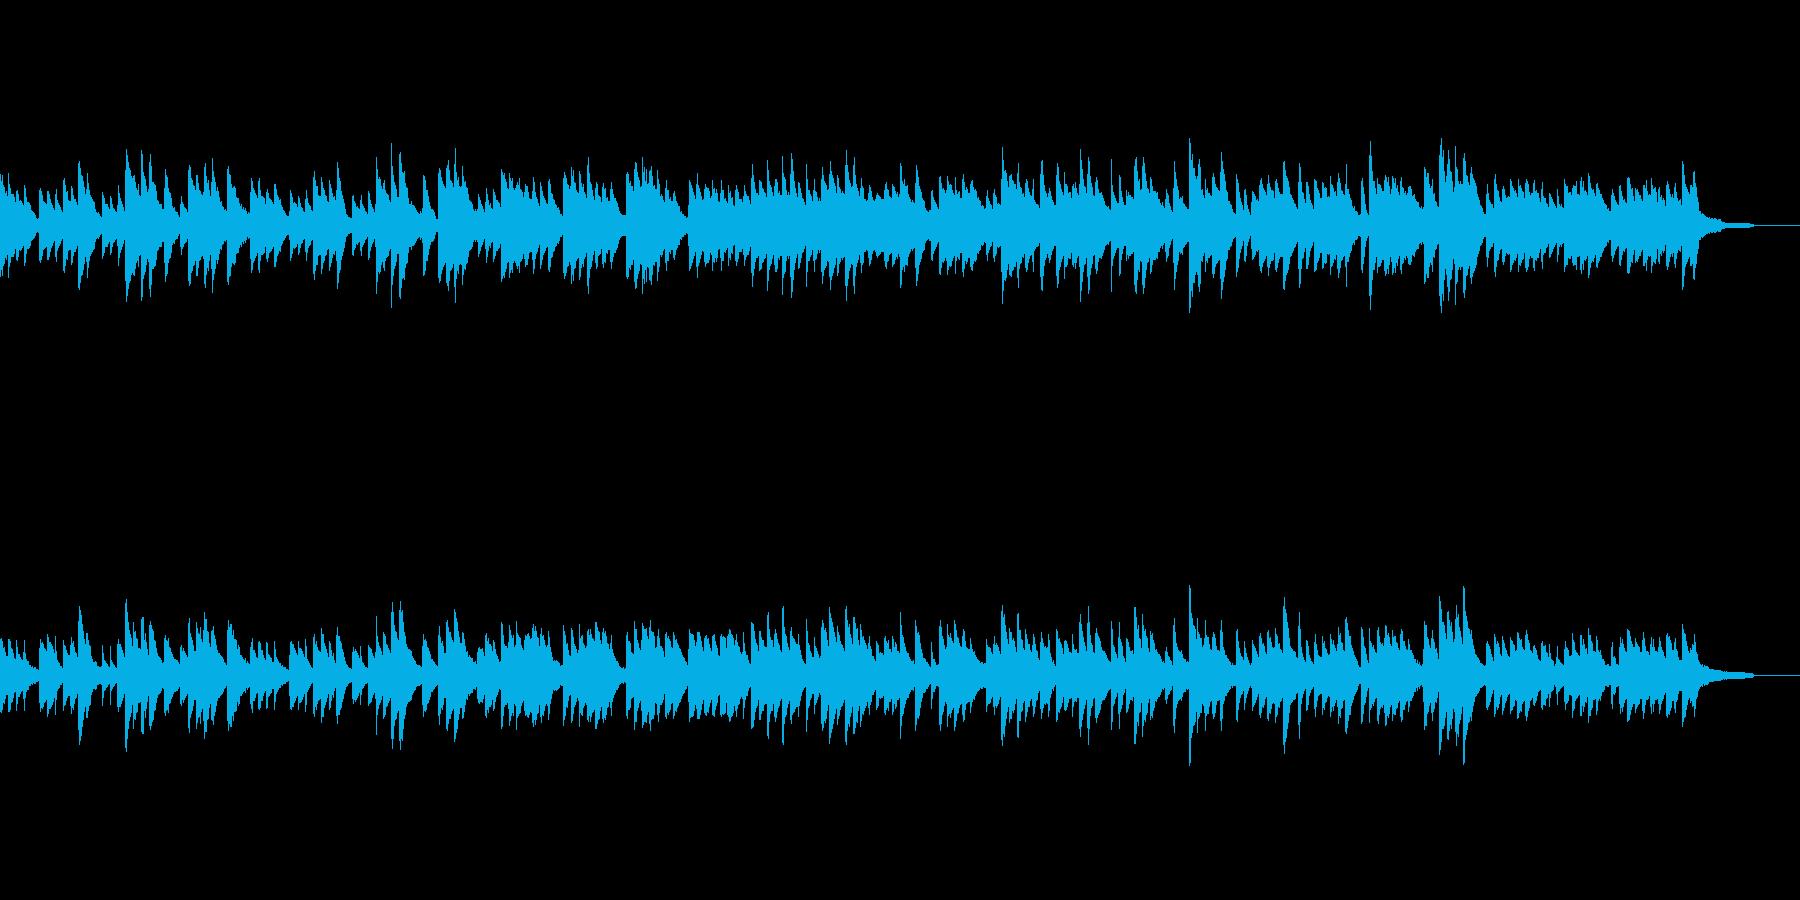 少し寂しいピアノソロバラードの再生済みの波形